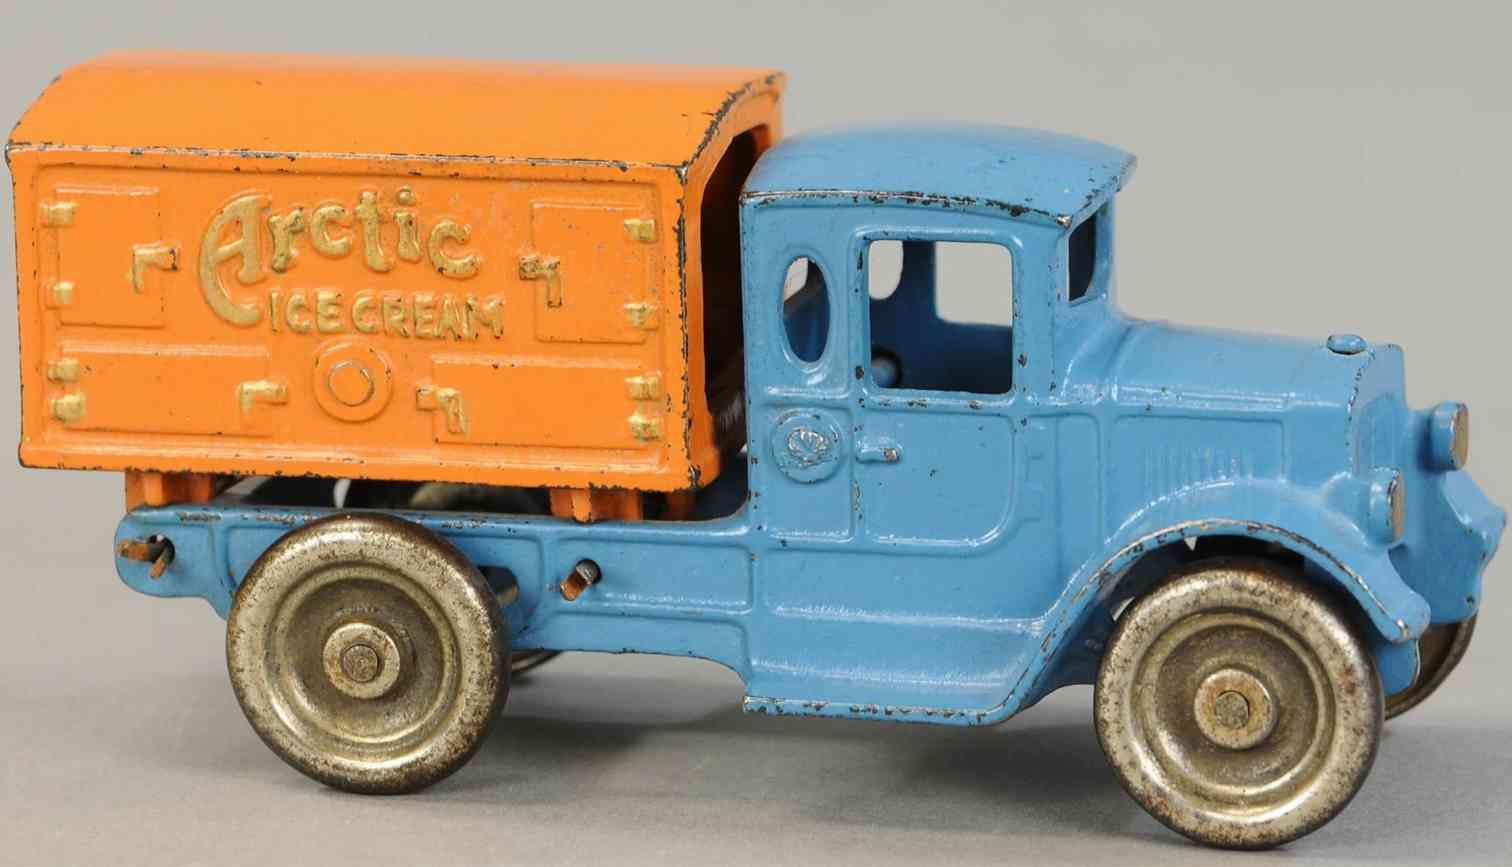 kilgore spielzeug gusseisen artic eislastwagen blau orange